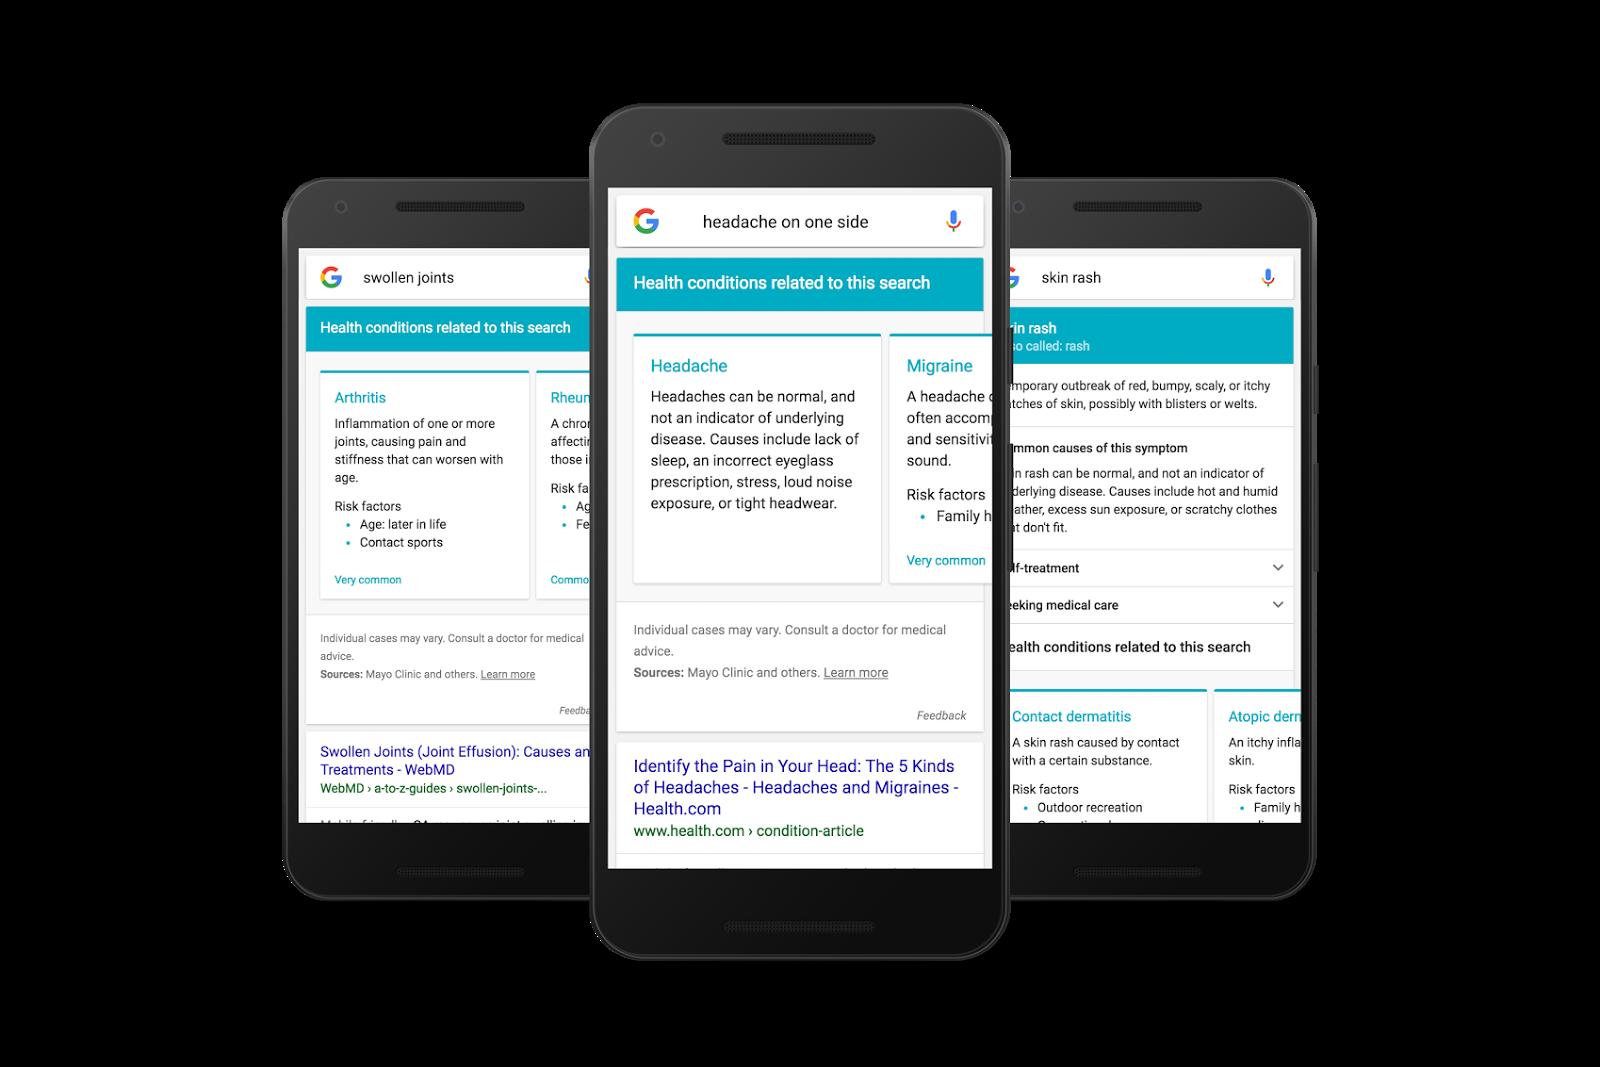 Ricerca Per Immagini Mobile google migliora il motore di ricerca per aiutare le persone